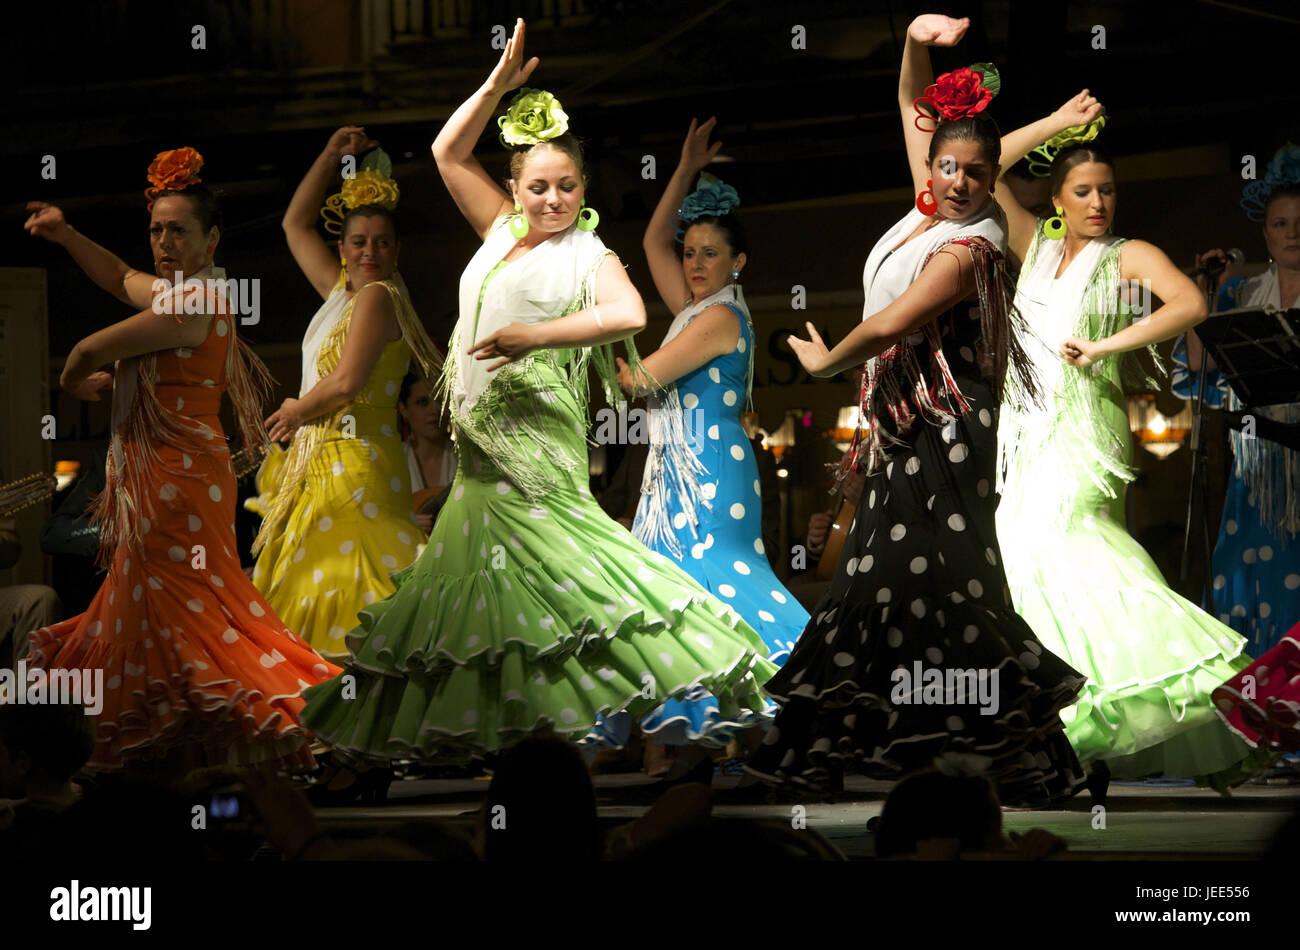 Spain, Andalusia, Granada, flamenco, dancers, - Stock Image